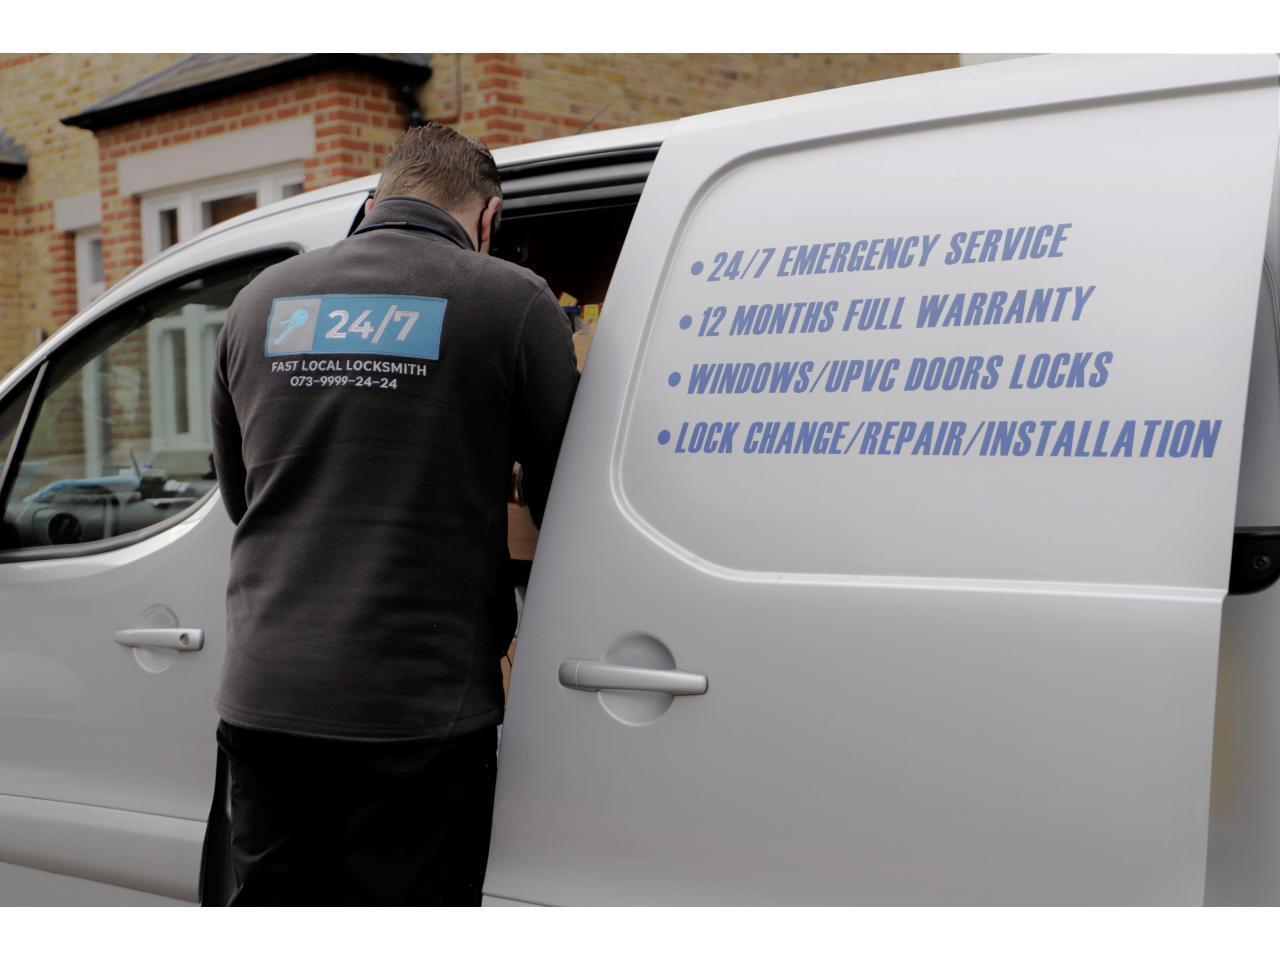 Locksmith Services Аварийная служба, открытия и при необходимости замена замков - 3